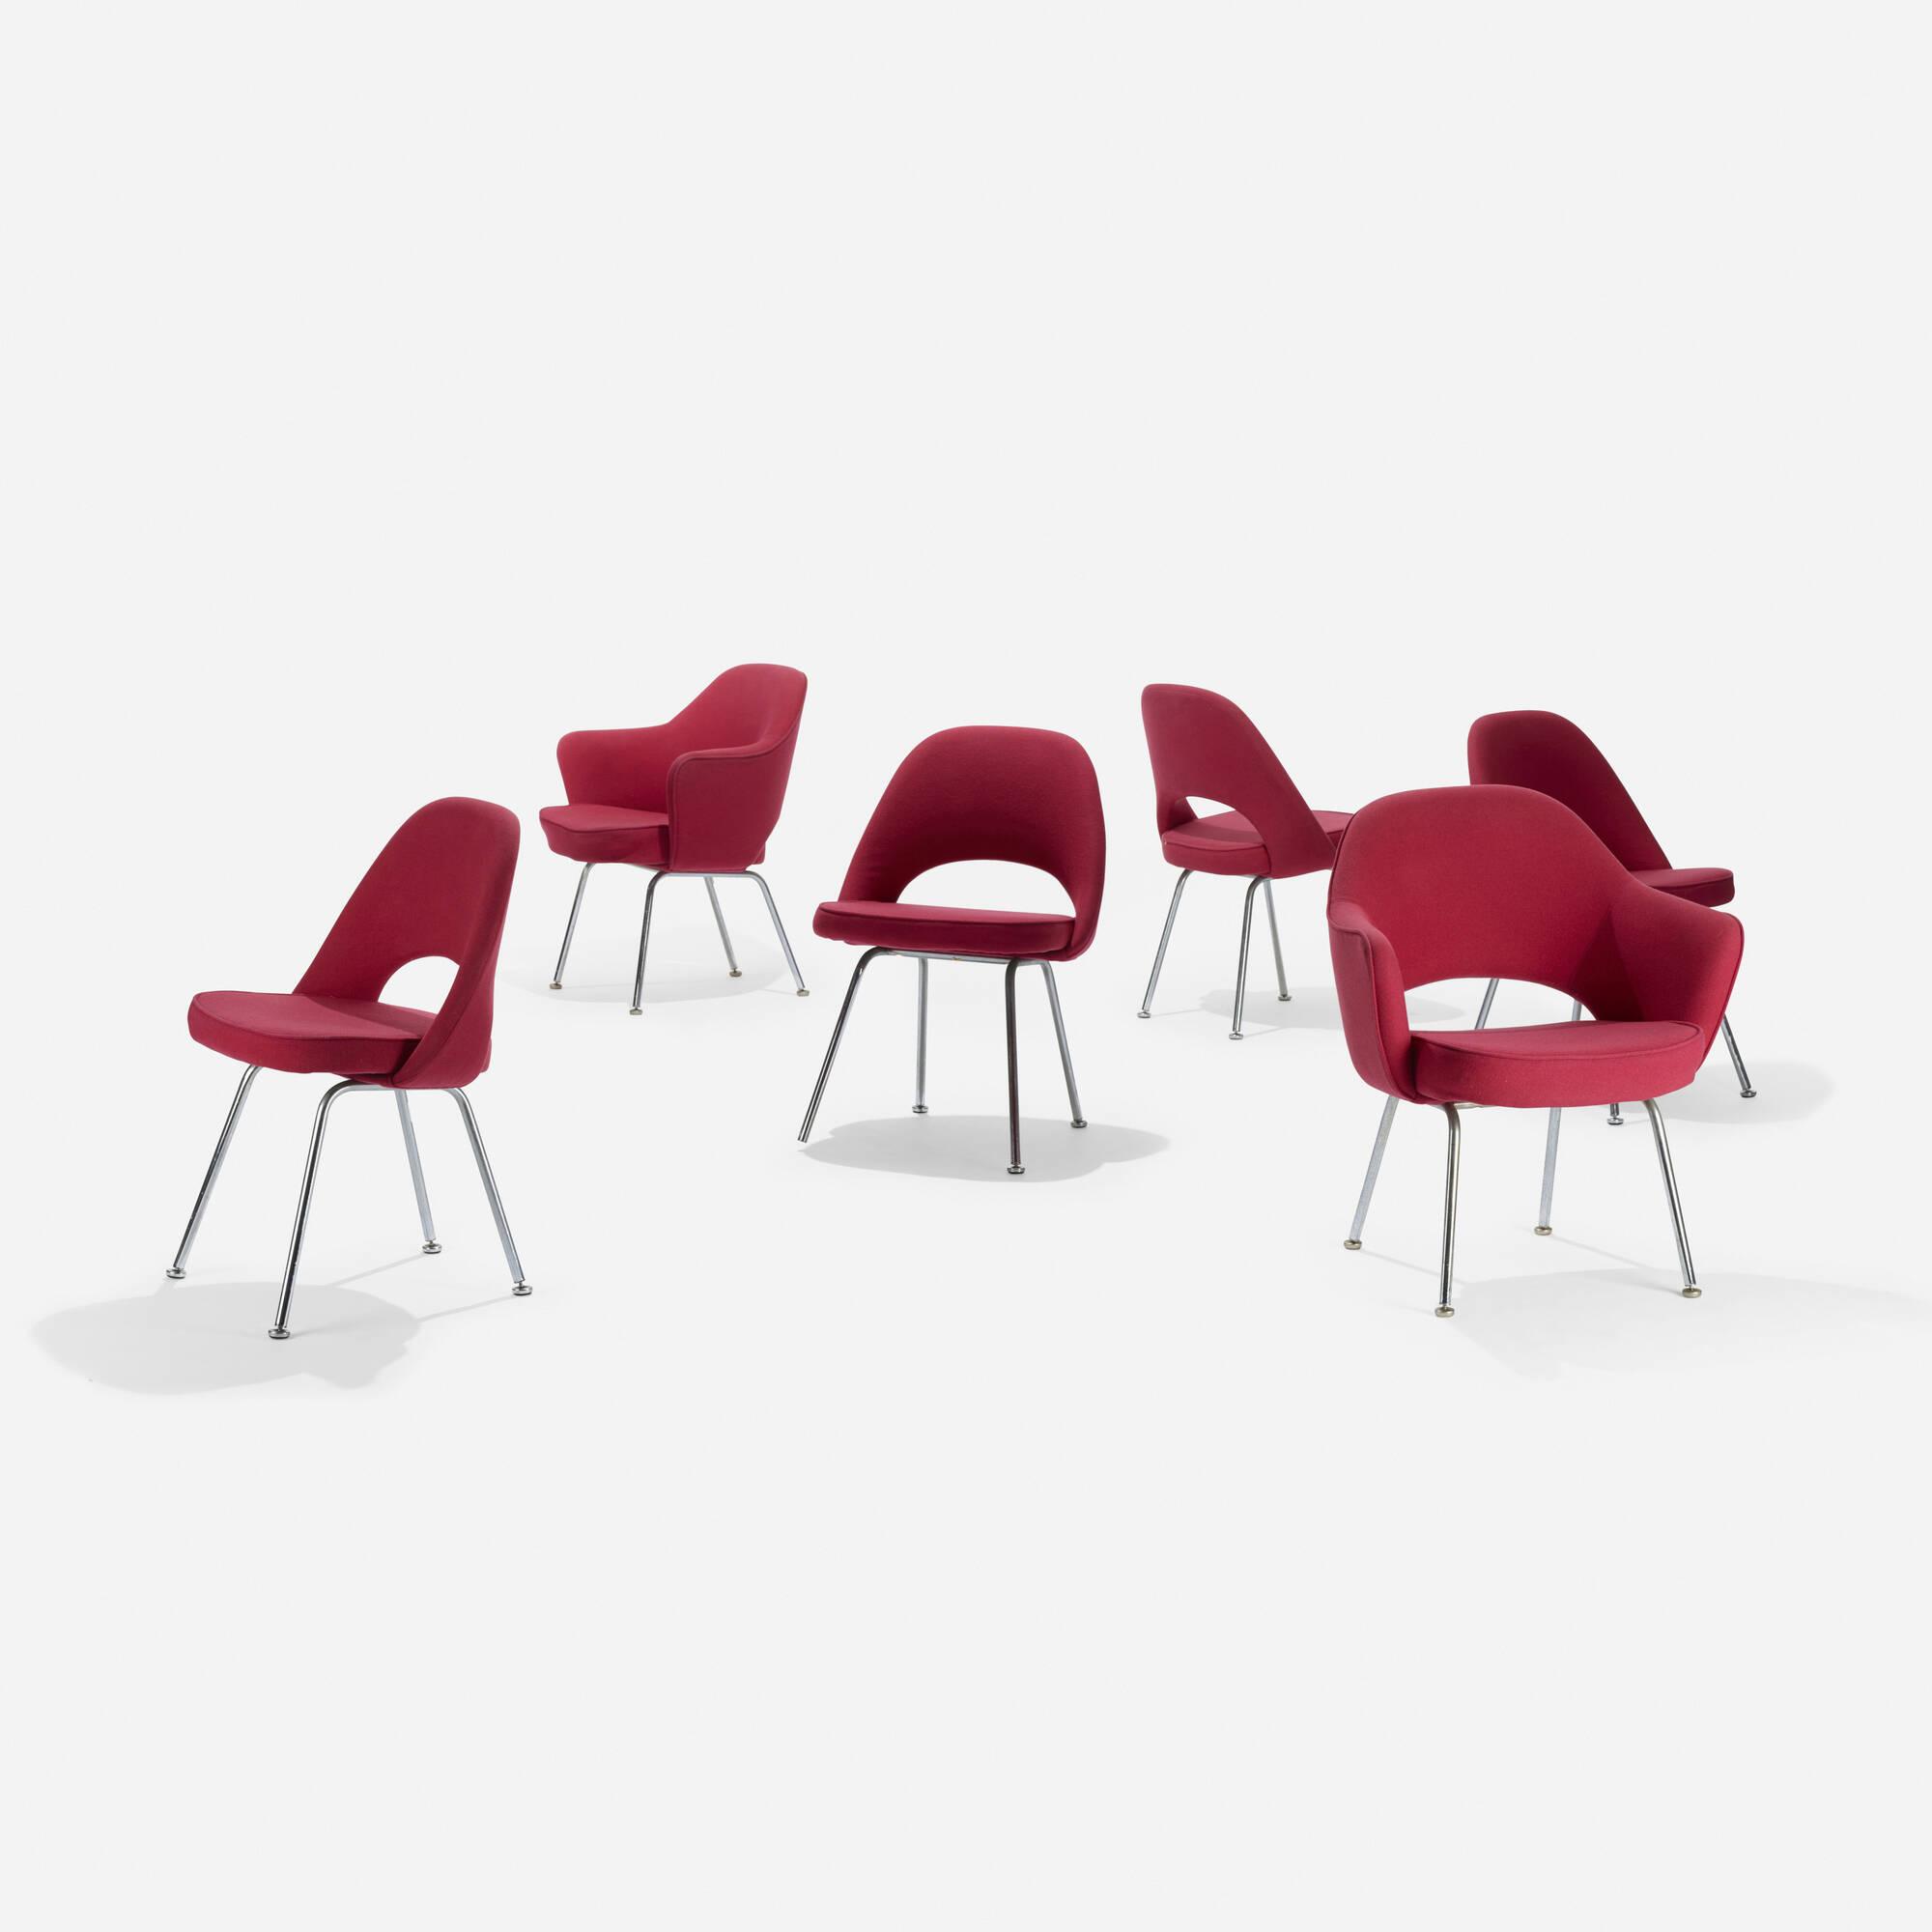 219: Eero Saarinen / dining chairs, set of six (2 of 3)